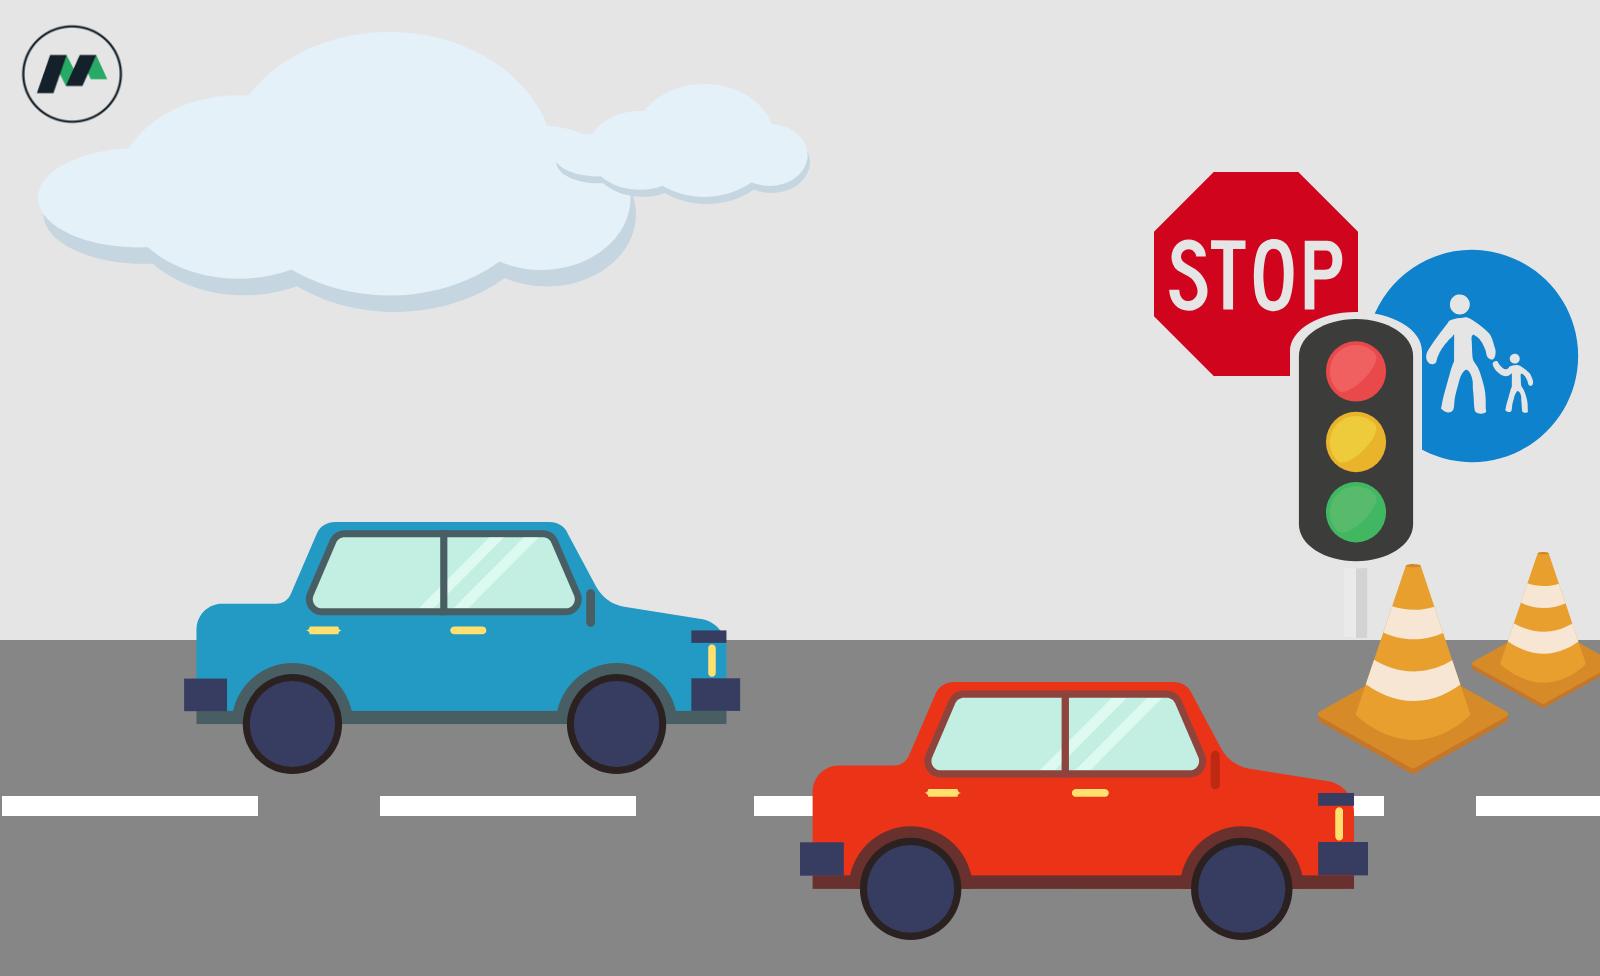 Ny undersøgelse: Her kører de mest hensynsløse bilister i 2019